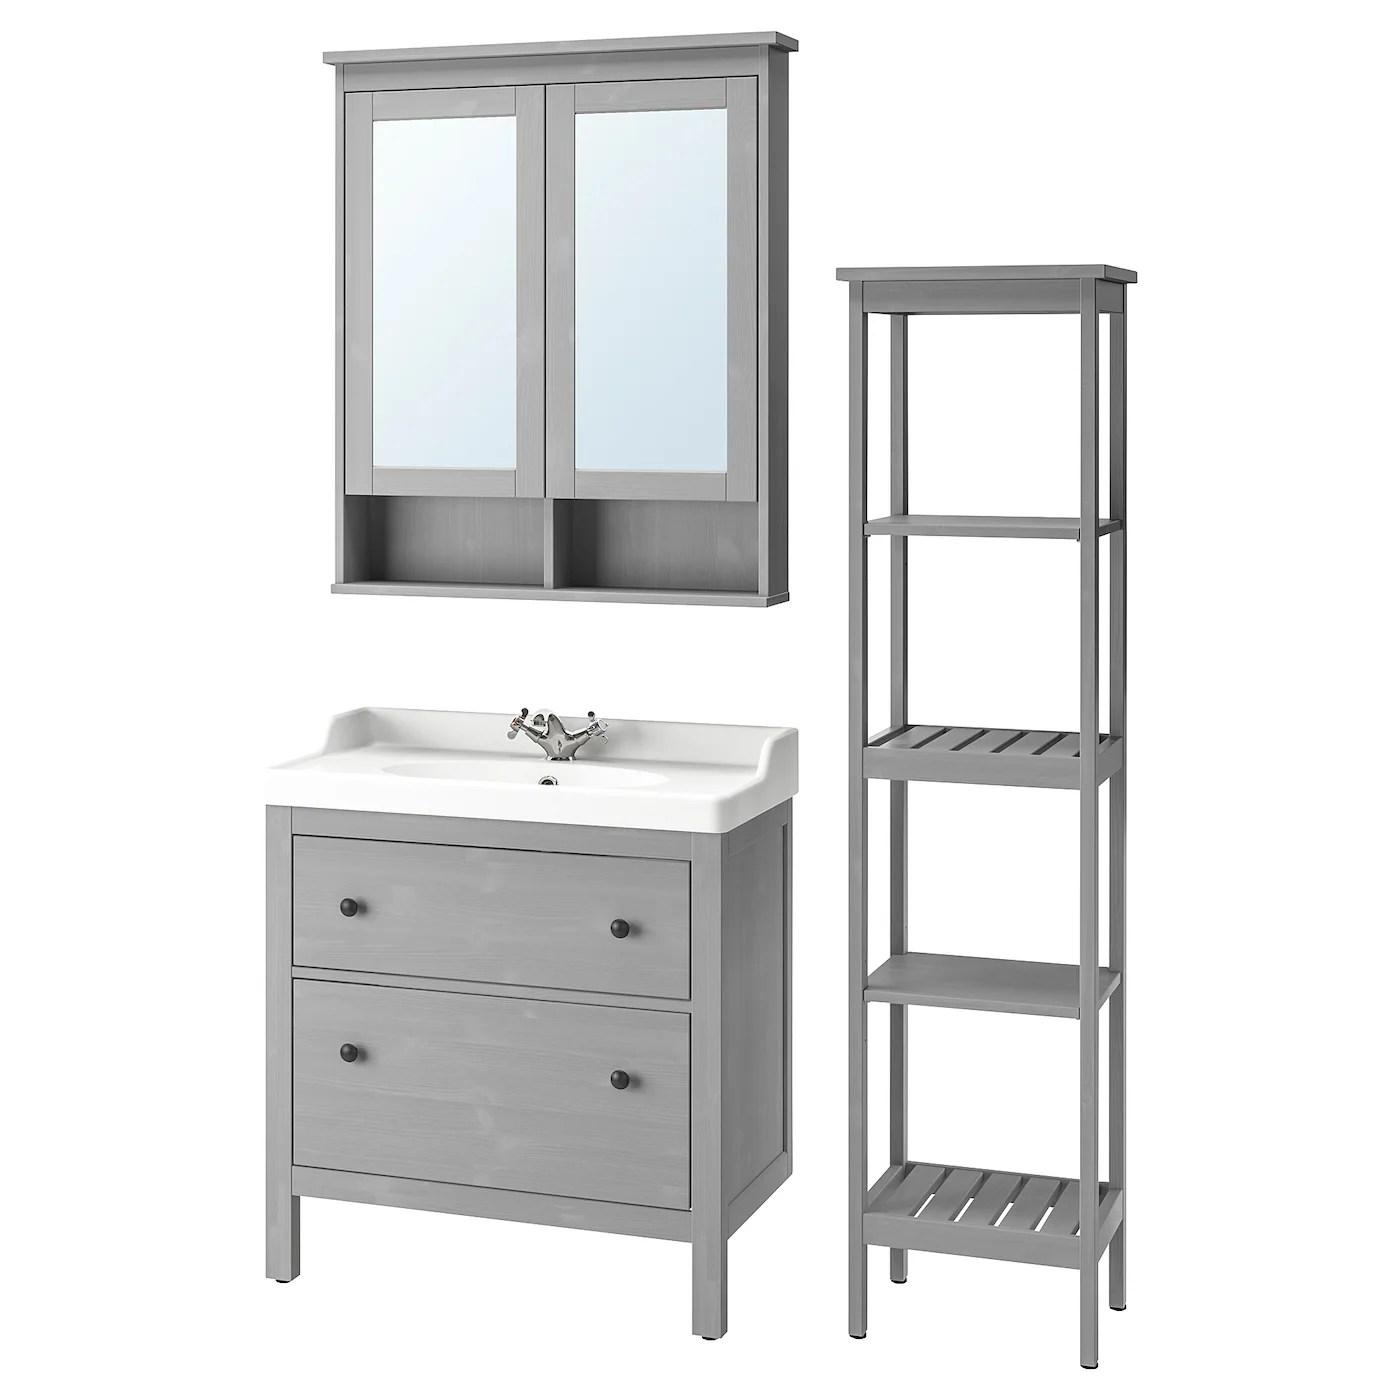 Quali sono i nuovi mobili e i nuovi accessori per il bagno ikea? Set Di Mobili Per Bagno Ikea It